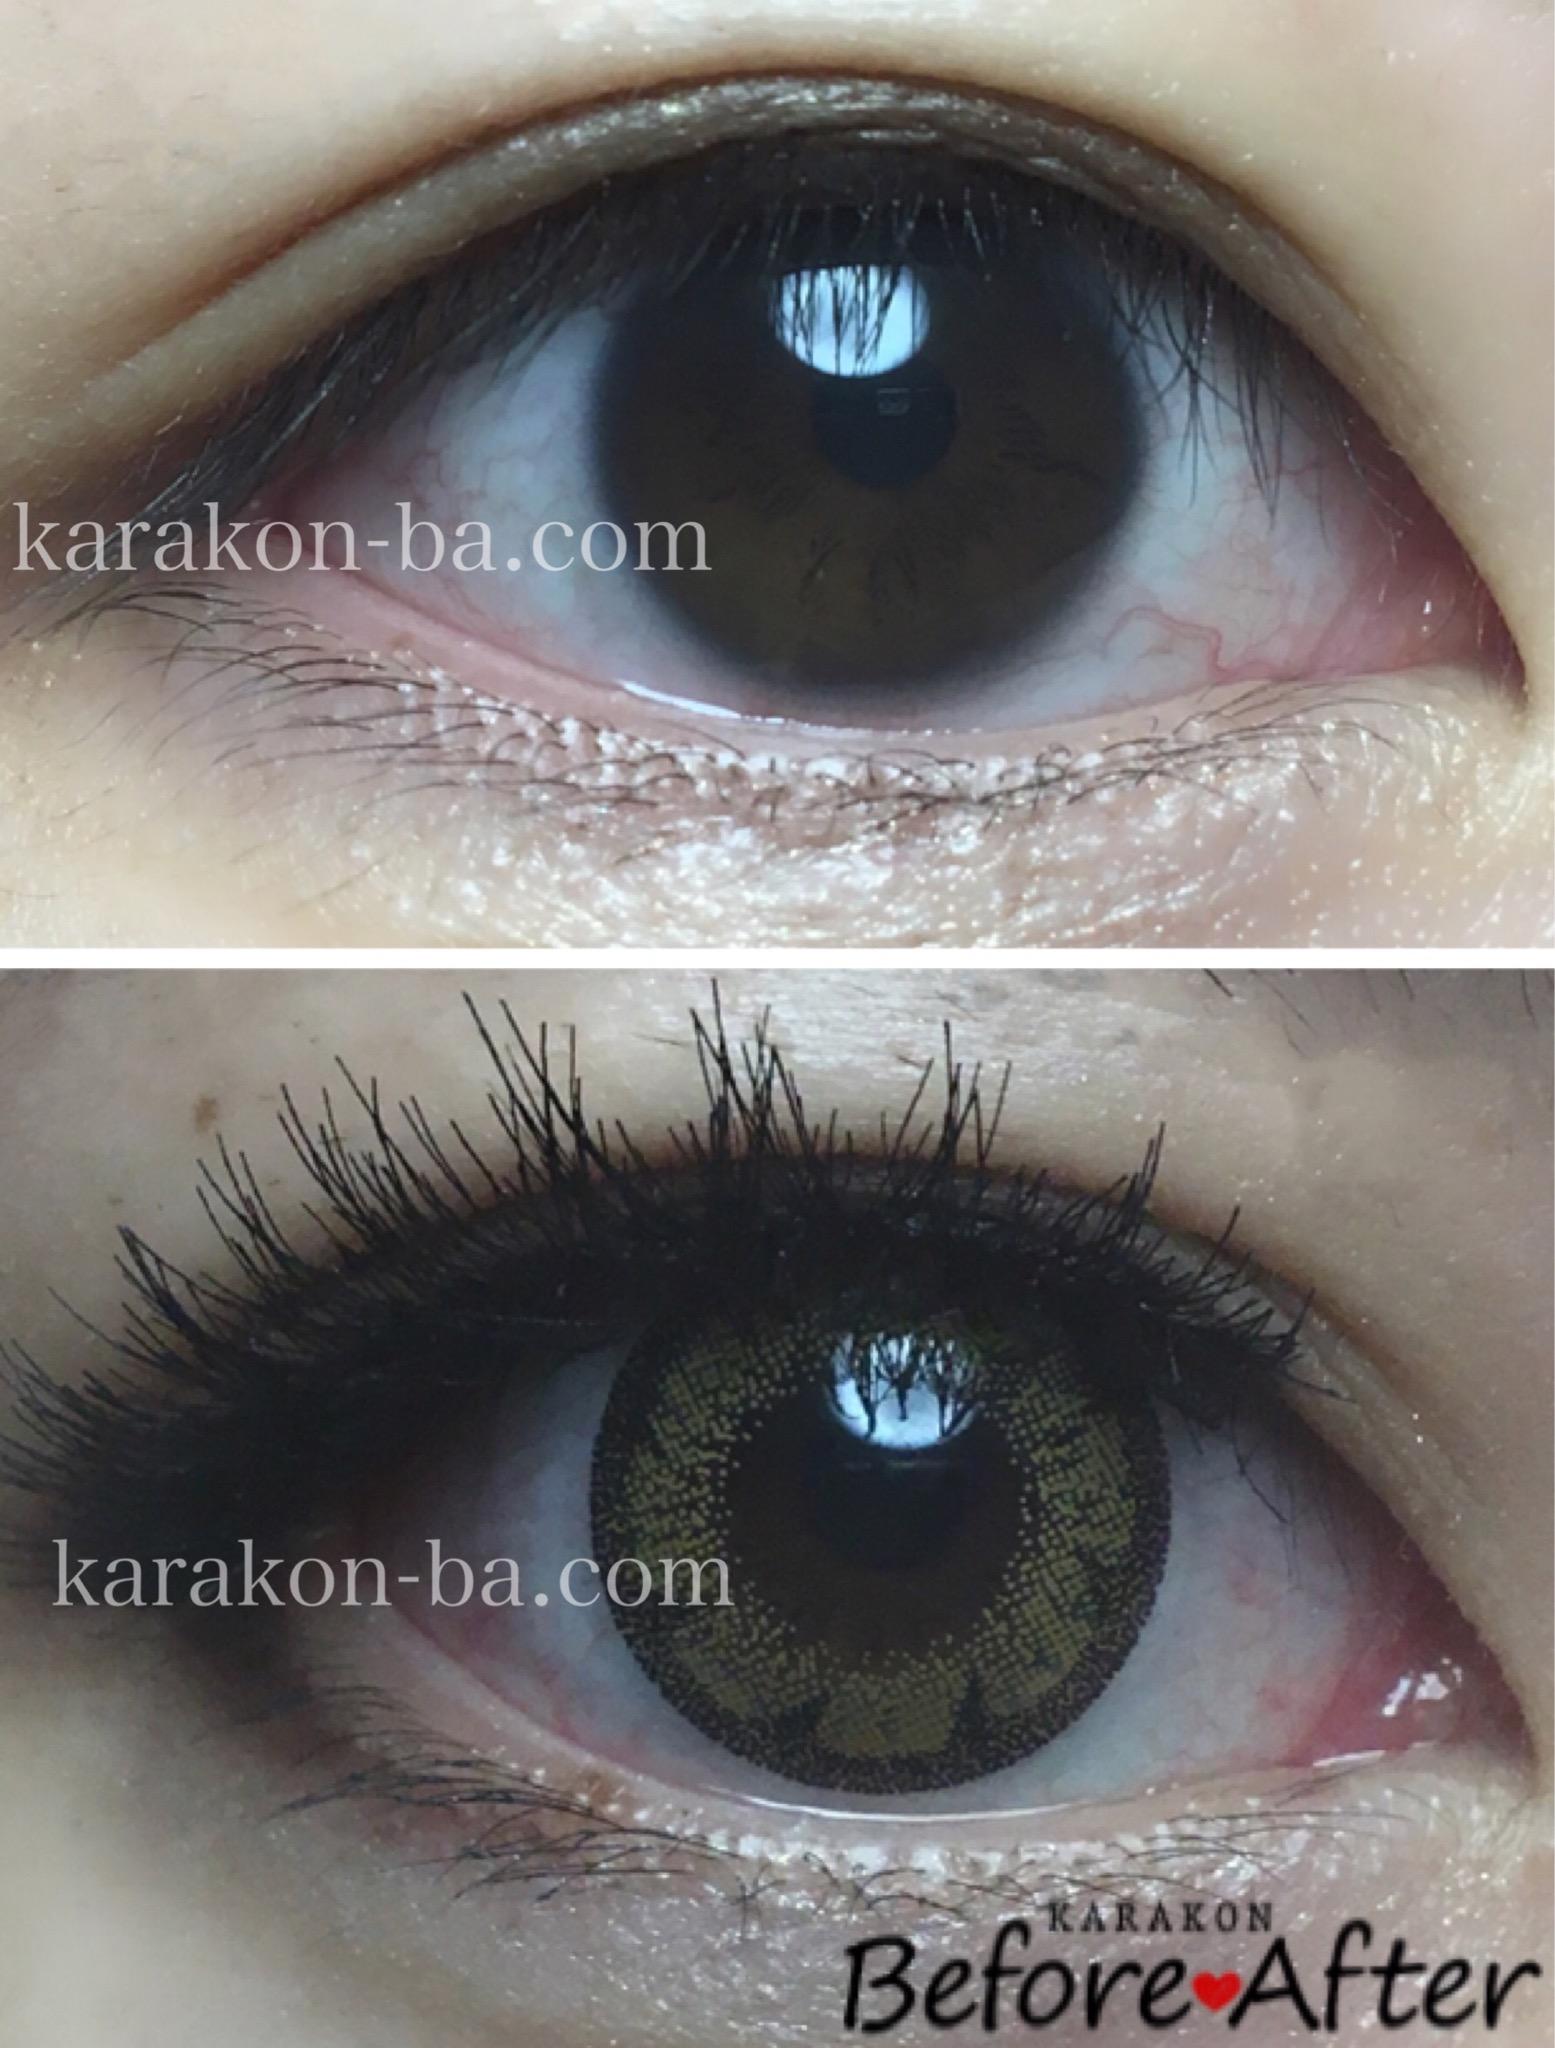 クリスタルブラウン装着画像/裸眼と比較